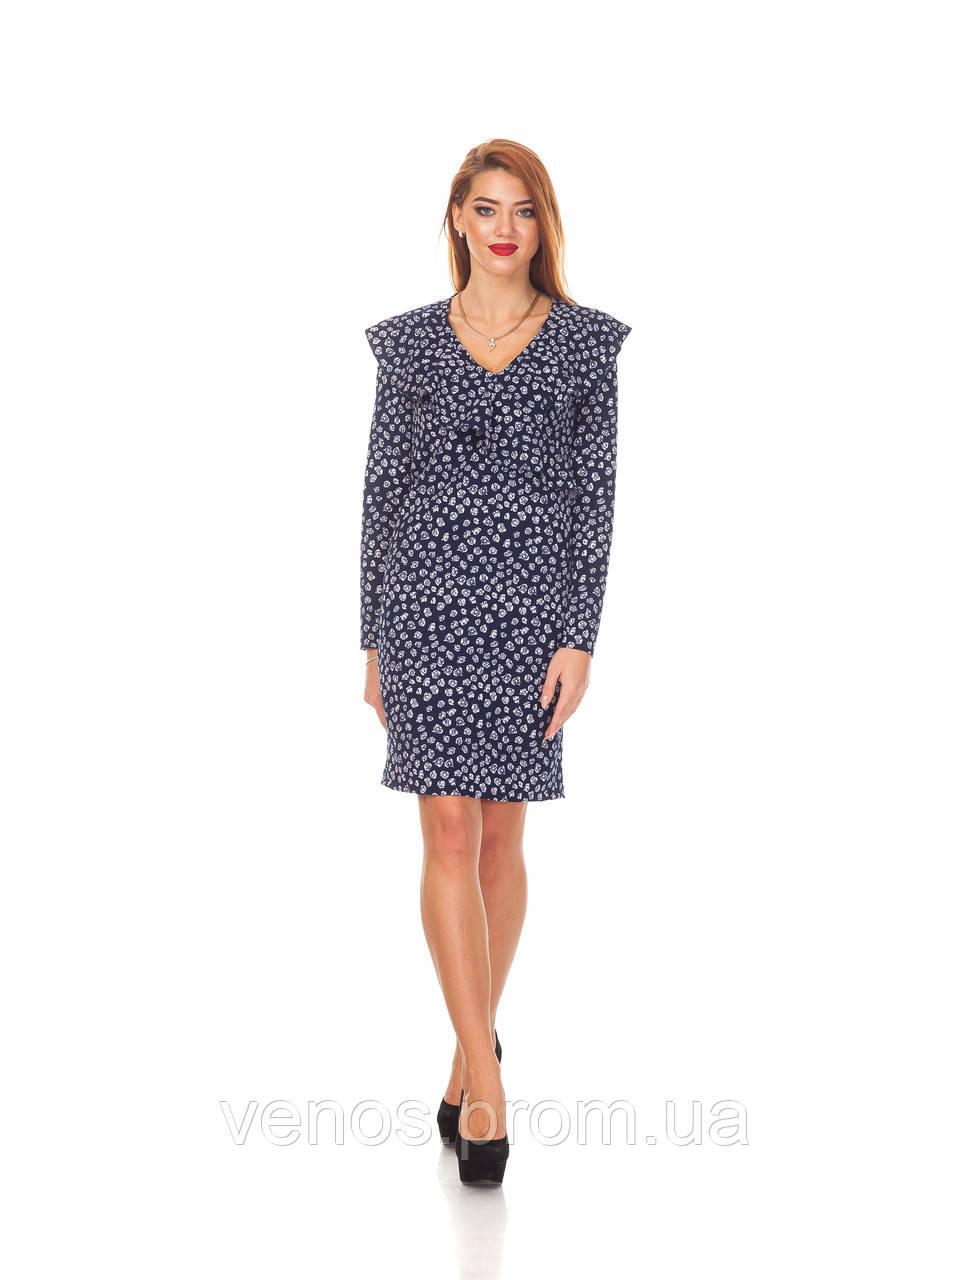 Милое женское платье. П131